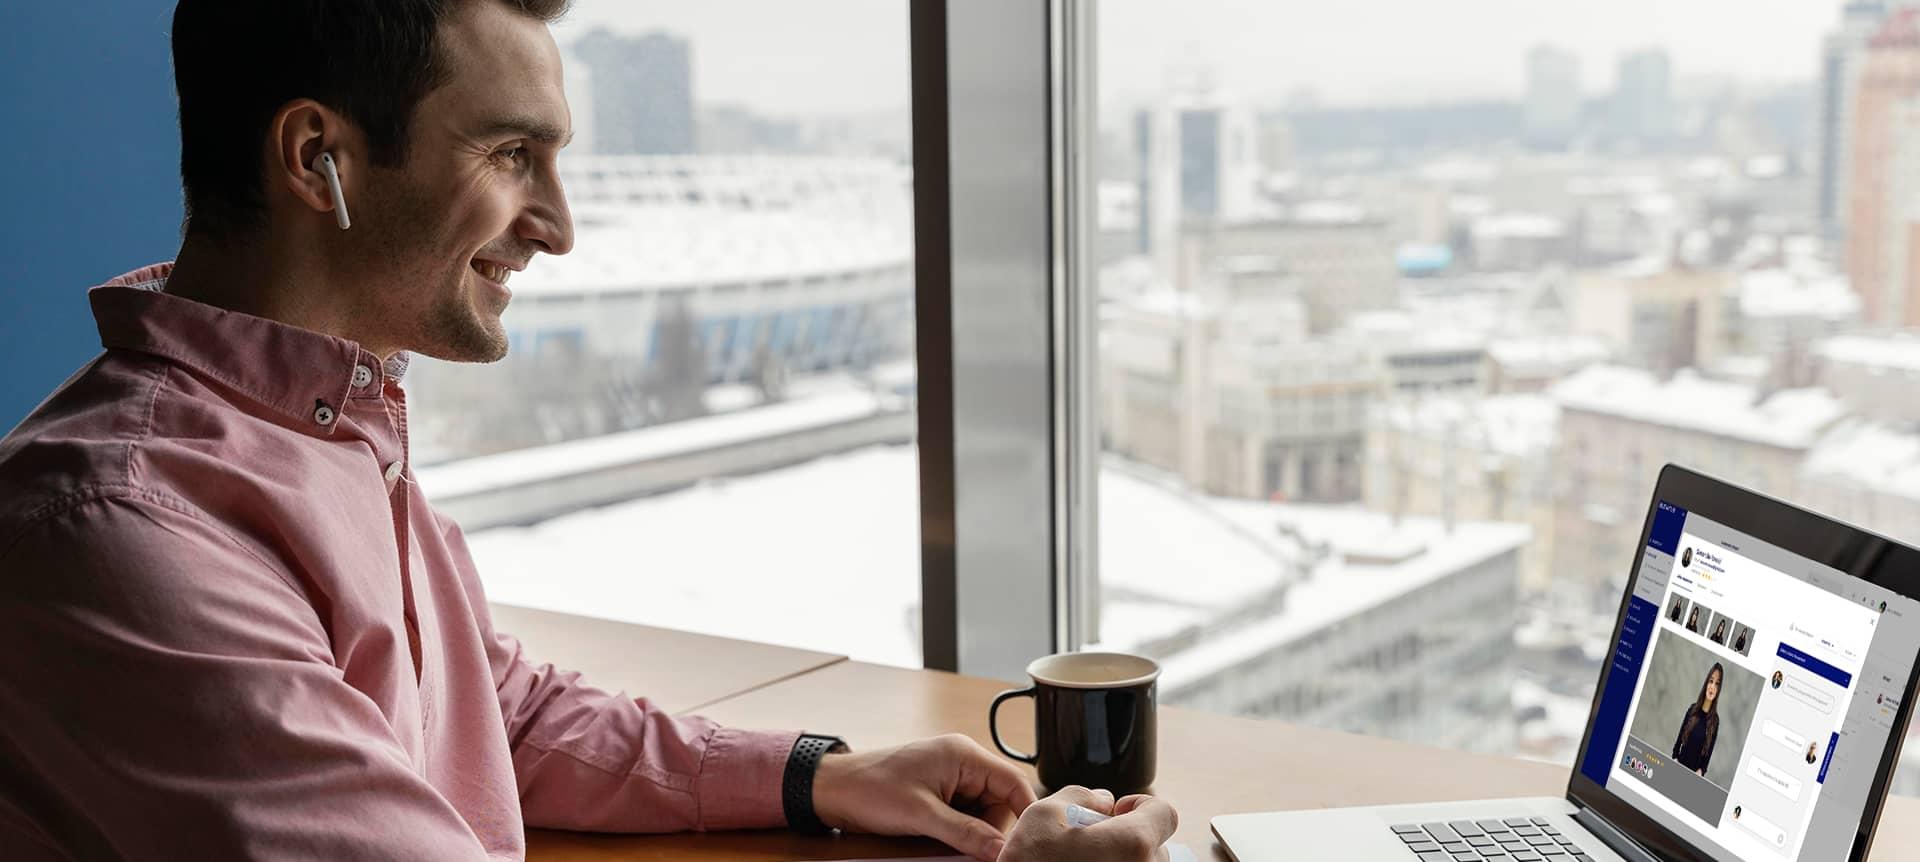 A recruiter using recruitment software